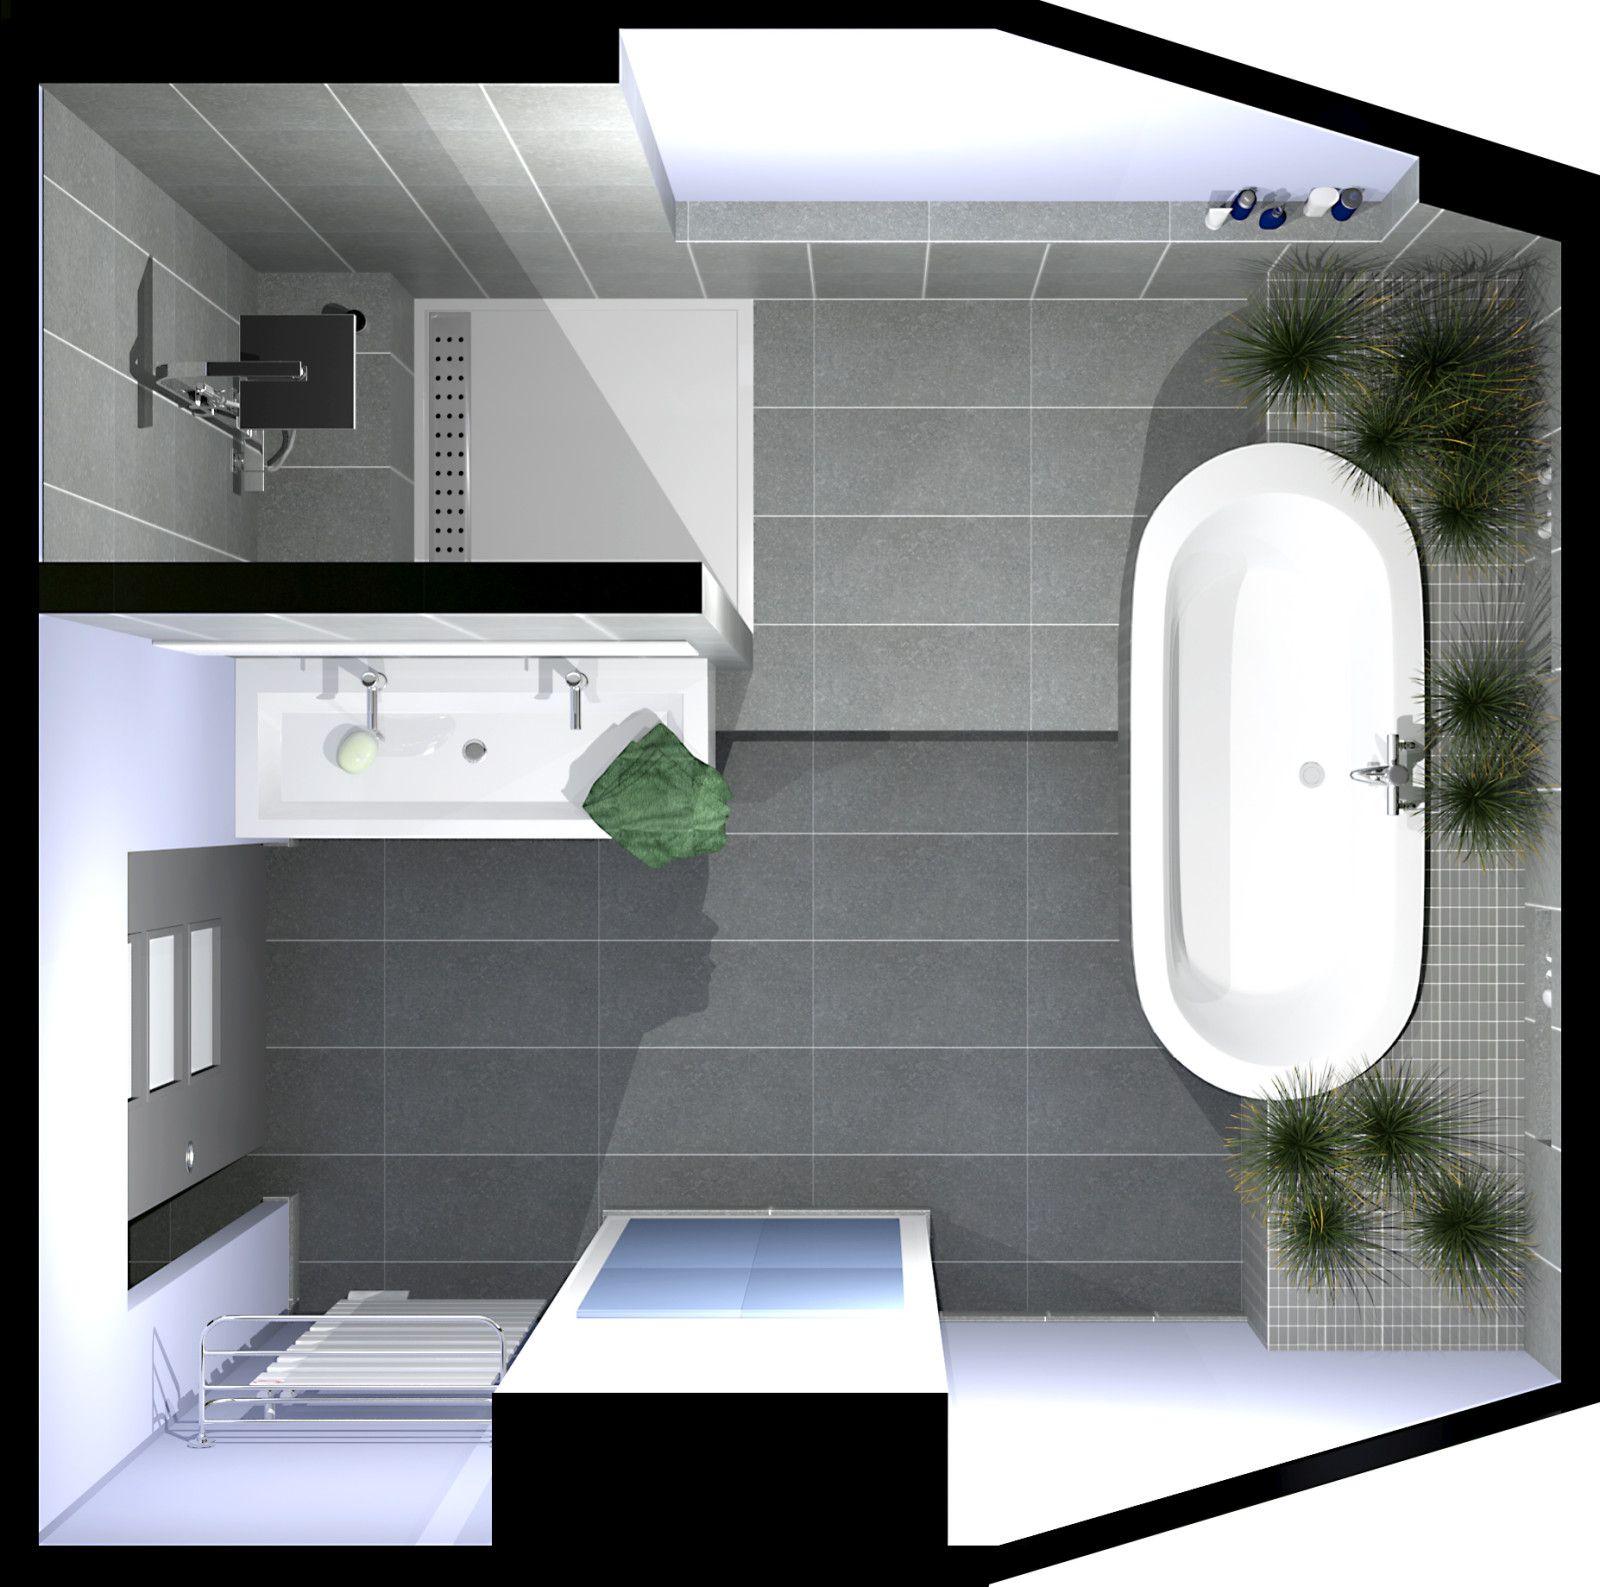 Album salle de bains 2012 am nagement salle de bain - Agencement petite salle de bain ...